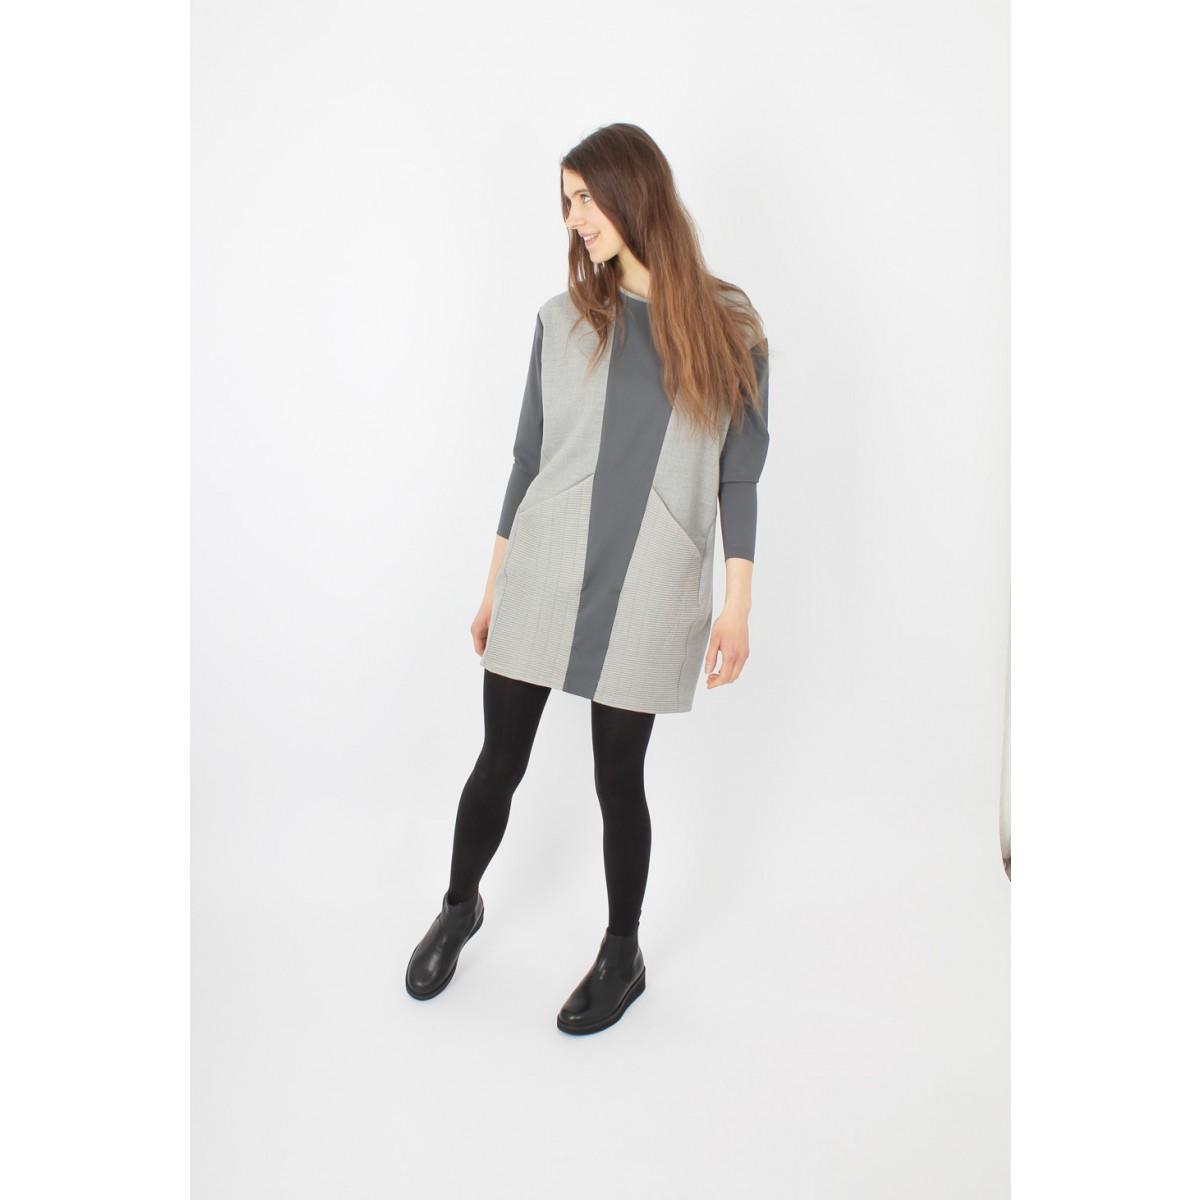 ZITAT Hayuk Dress Asphalt Mix